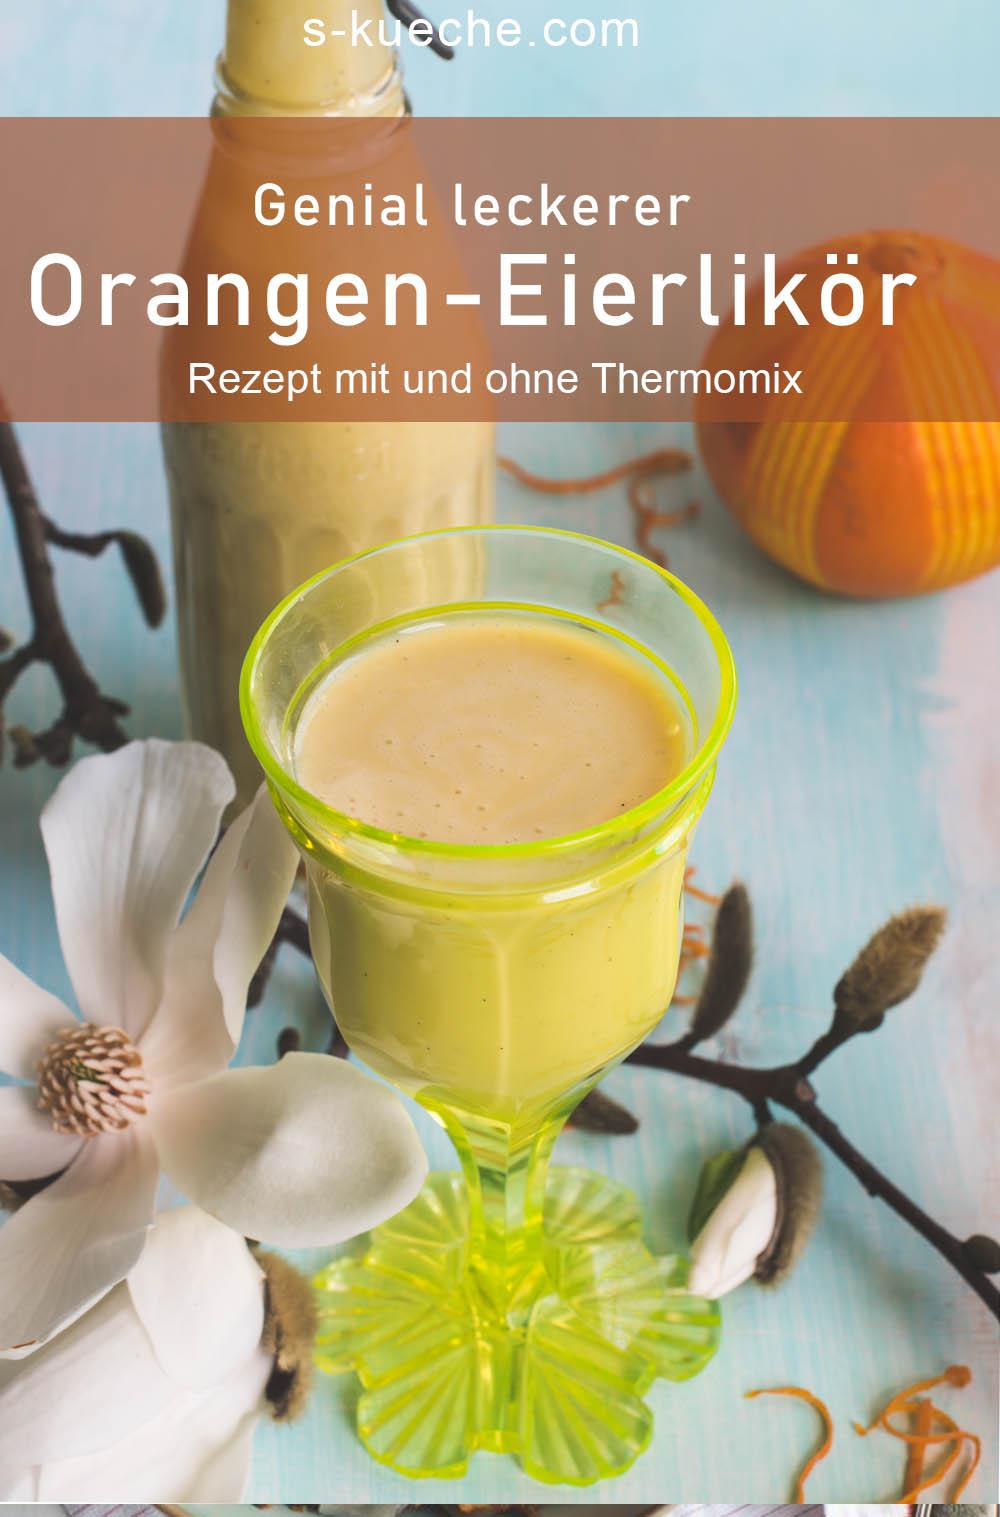 Orangen-Eierlikör - genial leckeres Rezept mit und ohne Thermomix . So einfach, cremig und berauschend gut #eierlikör #rezept #drink #ostern #weihnachten